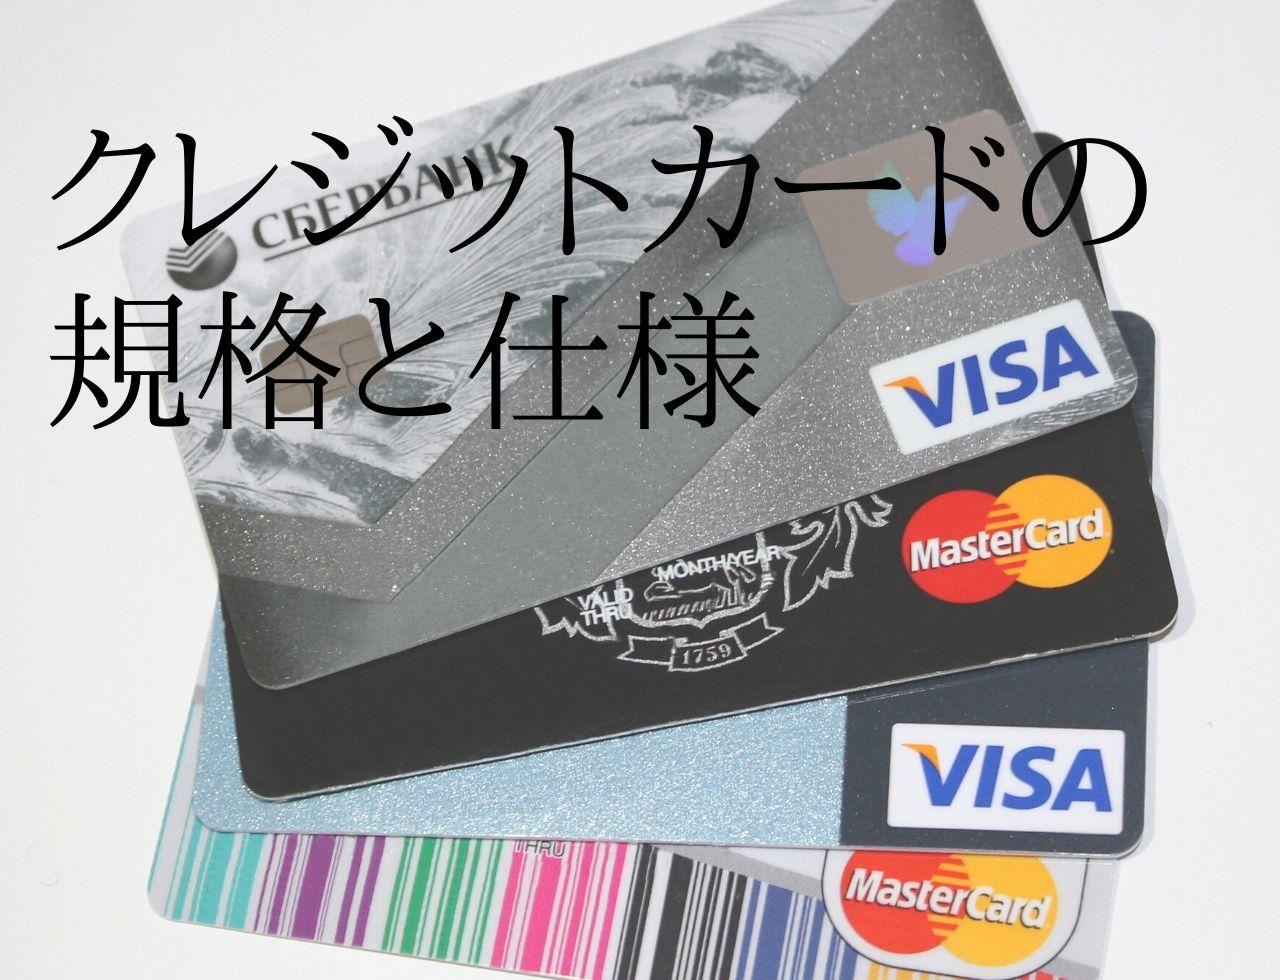 クレジットカードの規格と仕様